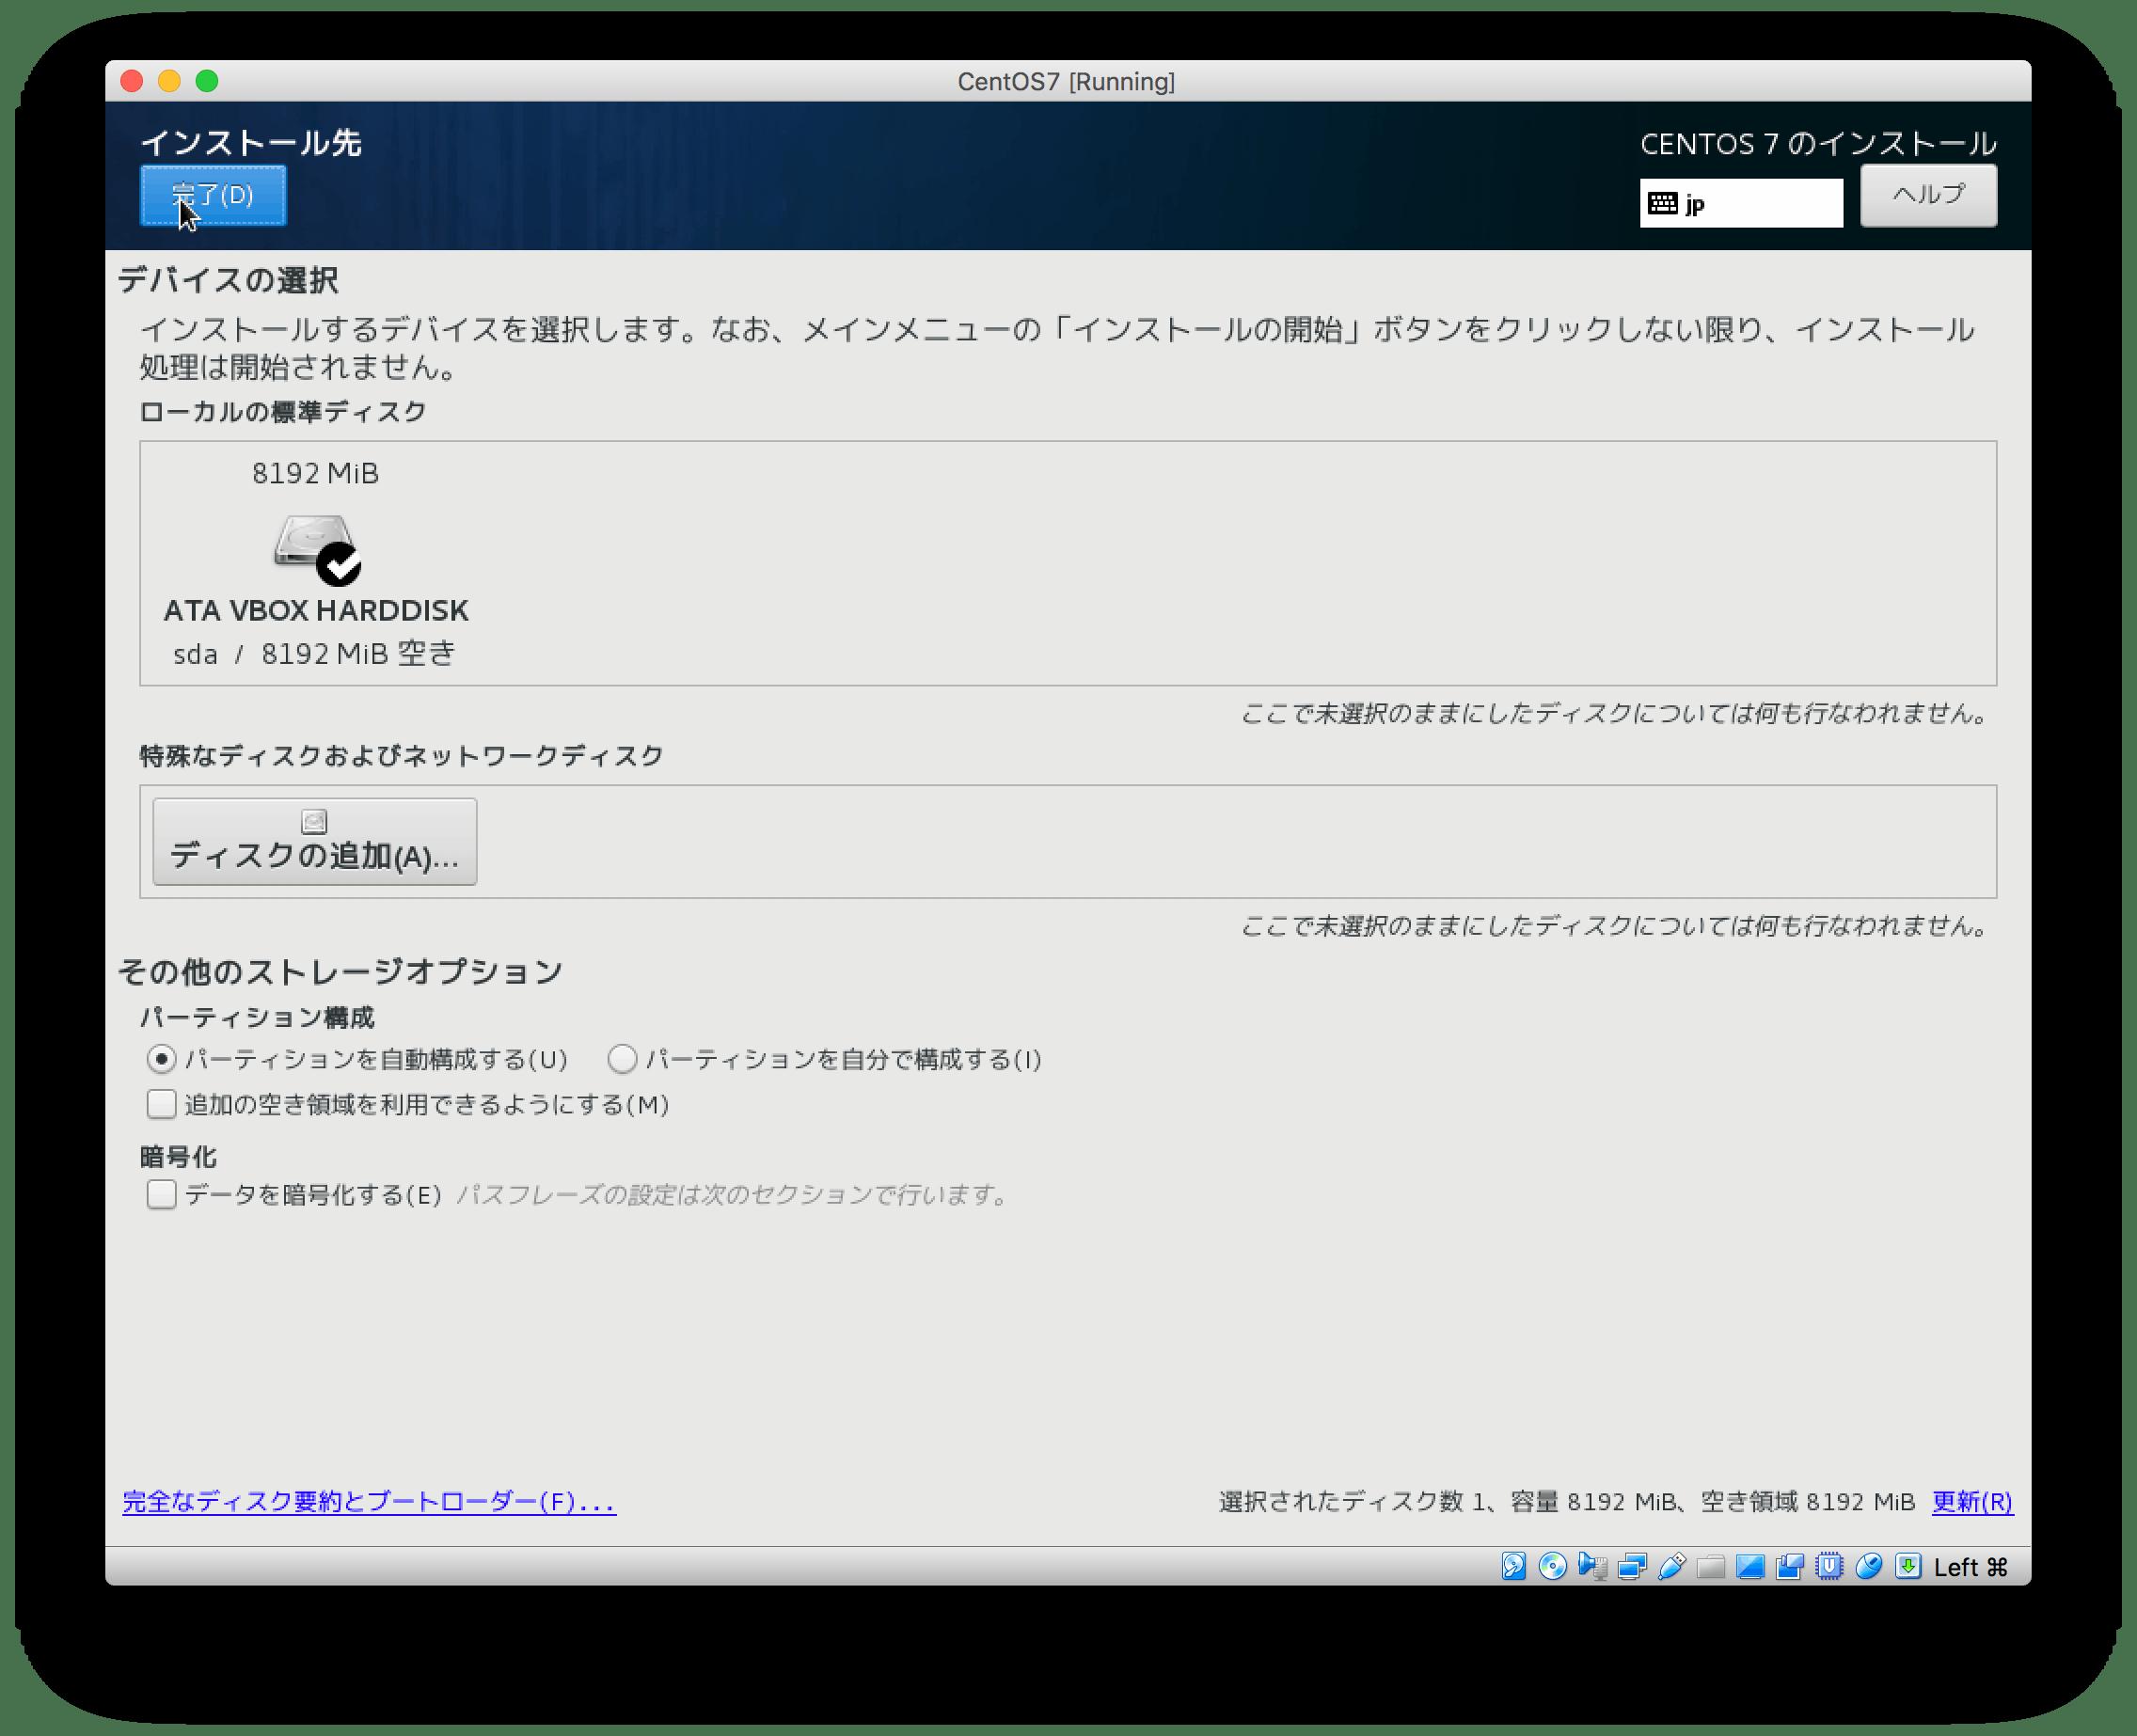 スクリーンショット 2018-01-20 21.00.21.png